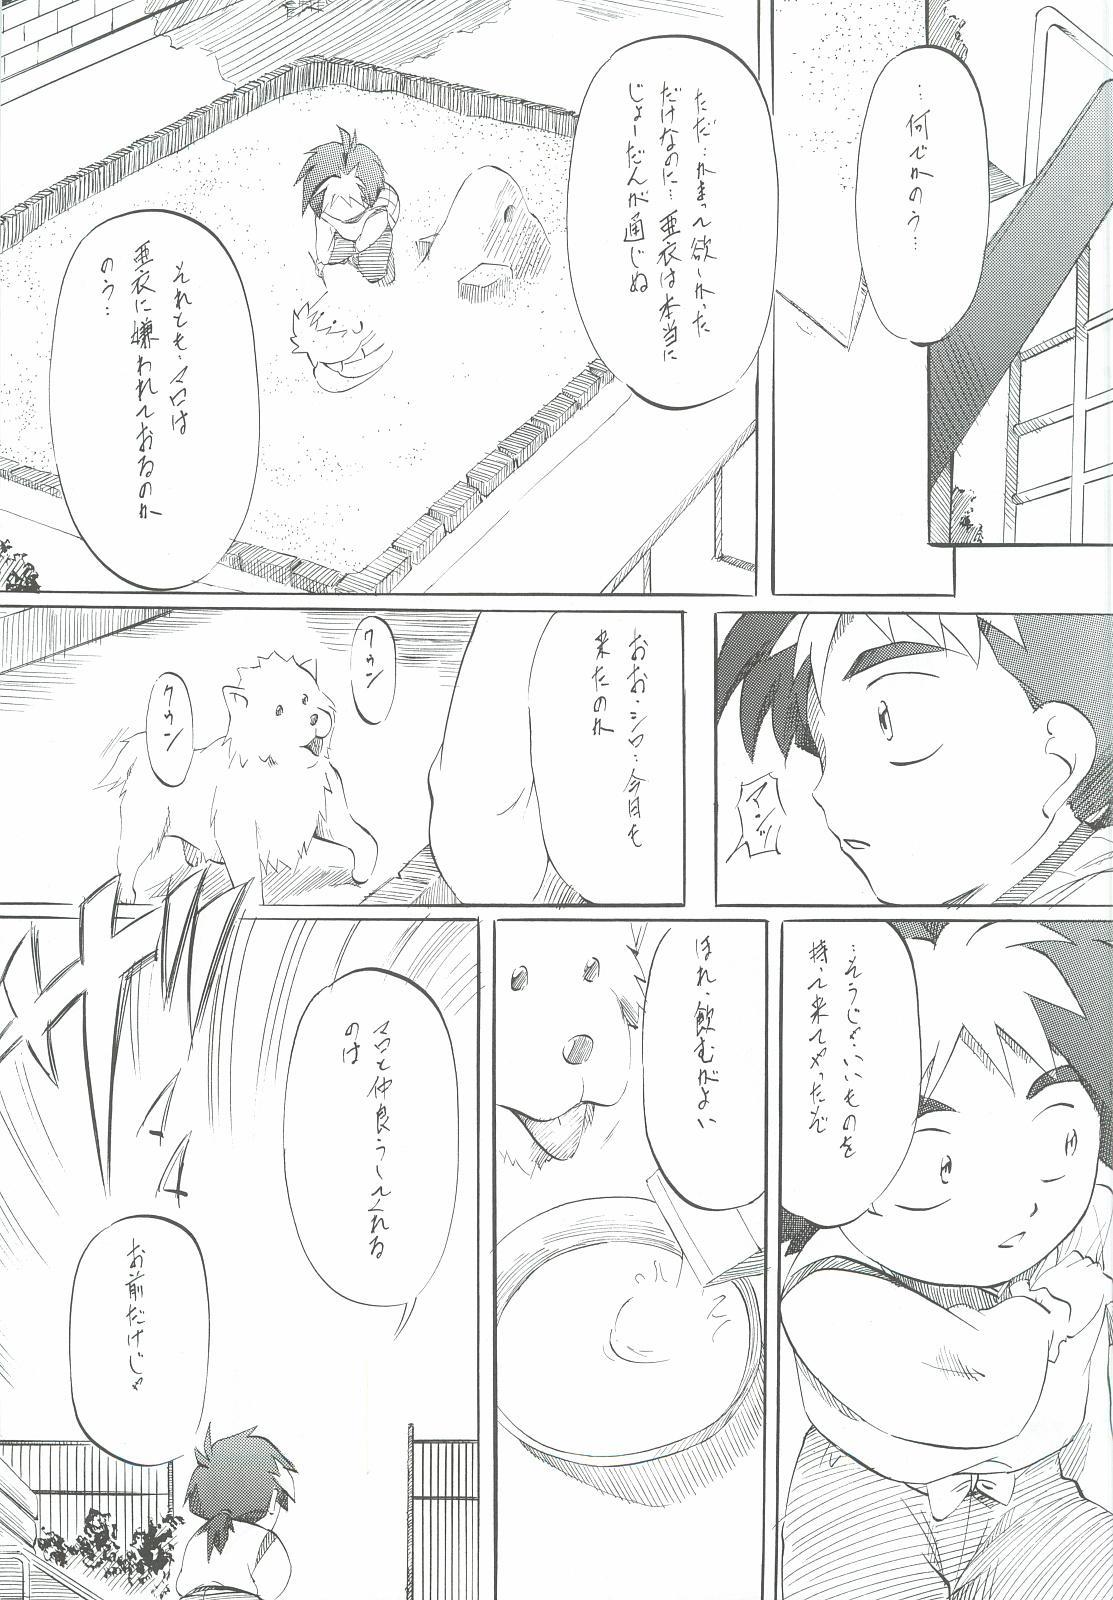 Ai & Mai Gaiden - Kishin Fukkatsu no Shou 5